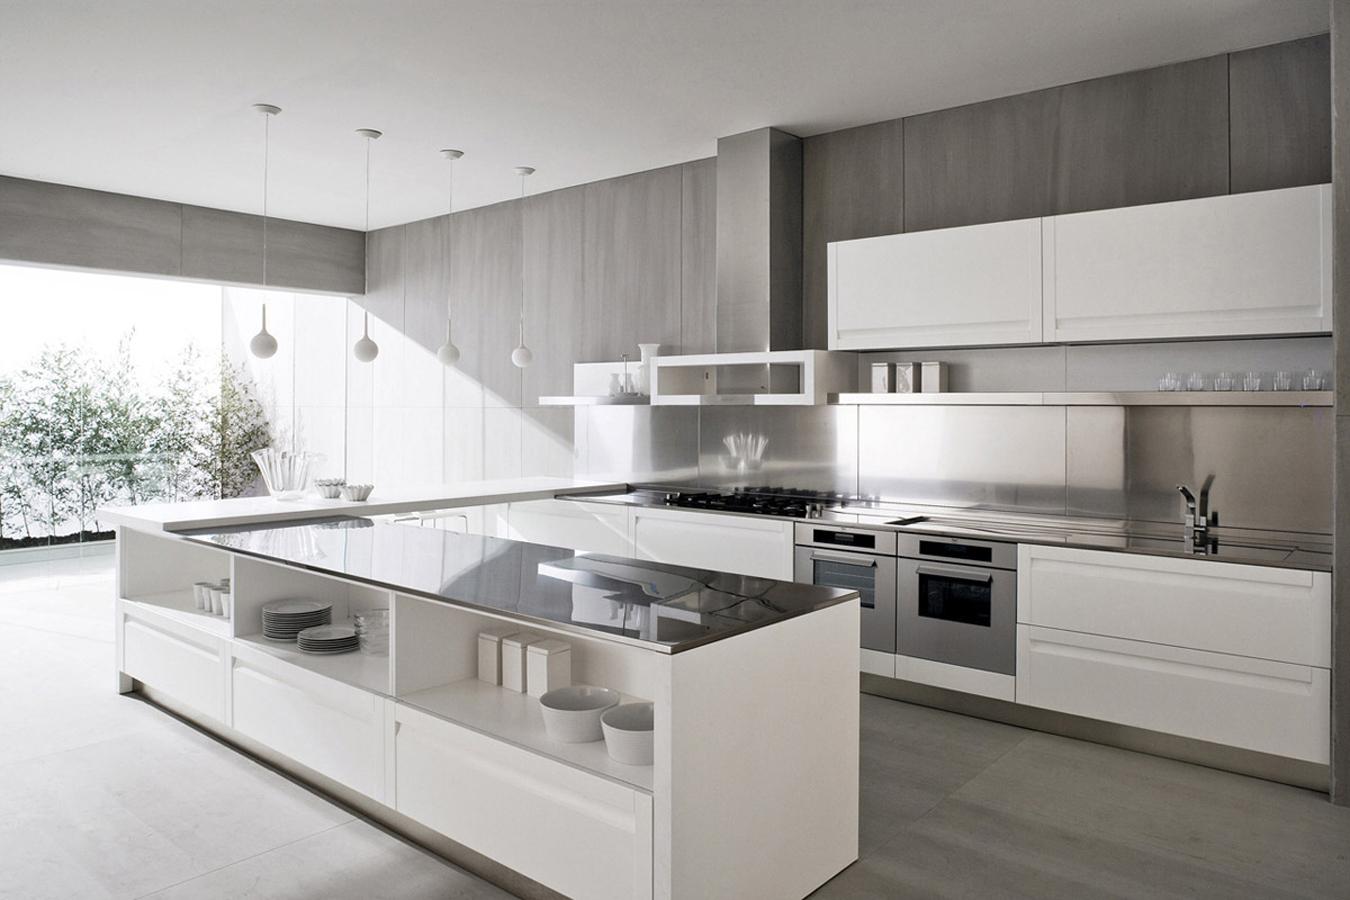 Cucina Treviso di GD Arredamenti da righetti mobili a Novara Piemonte